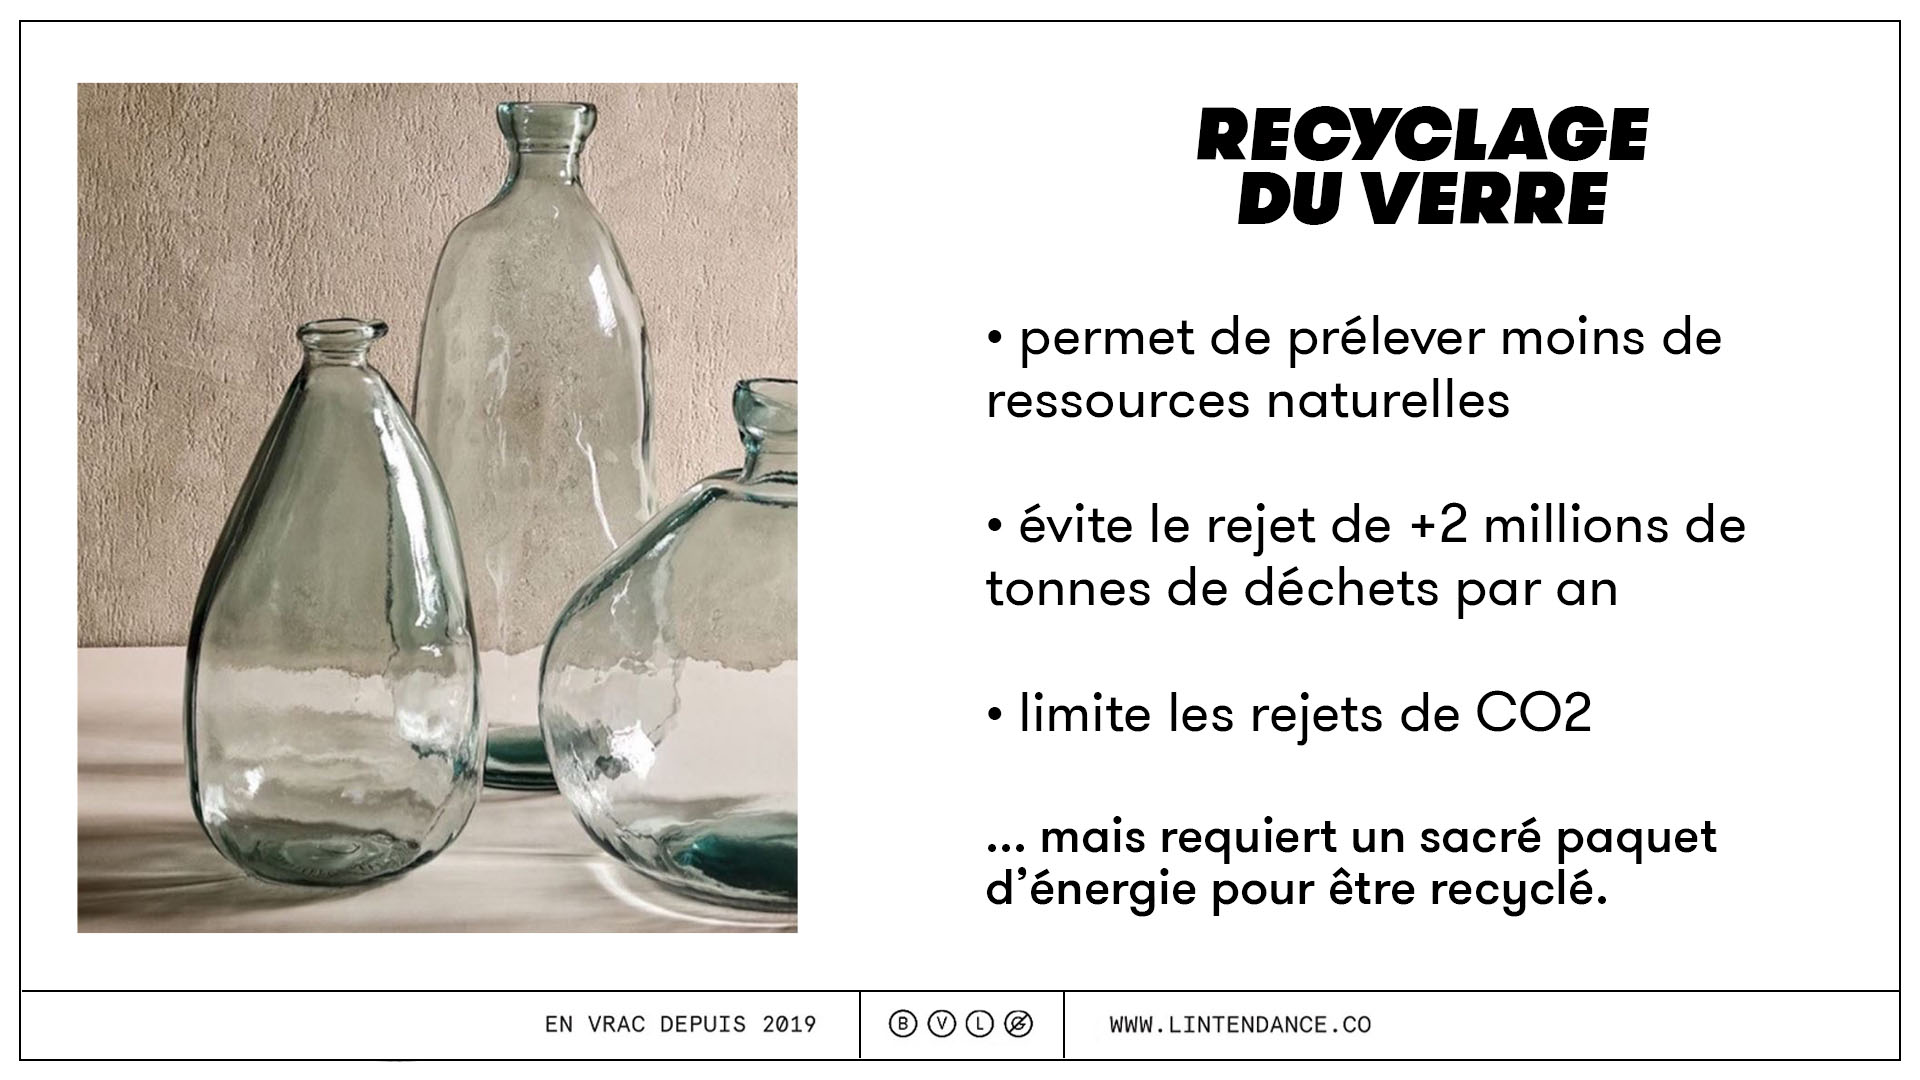 verre recyclage environnement zéro déchet consigne